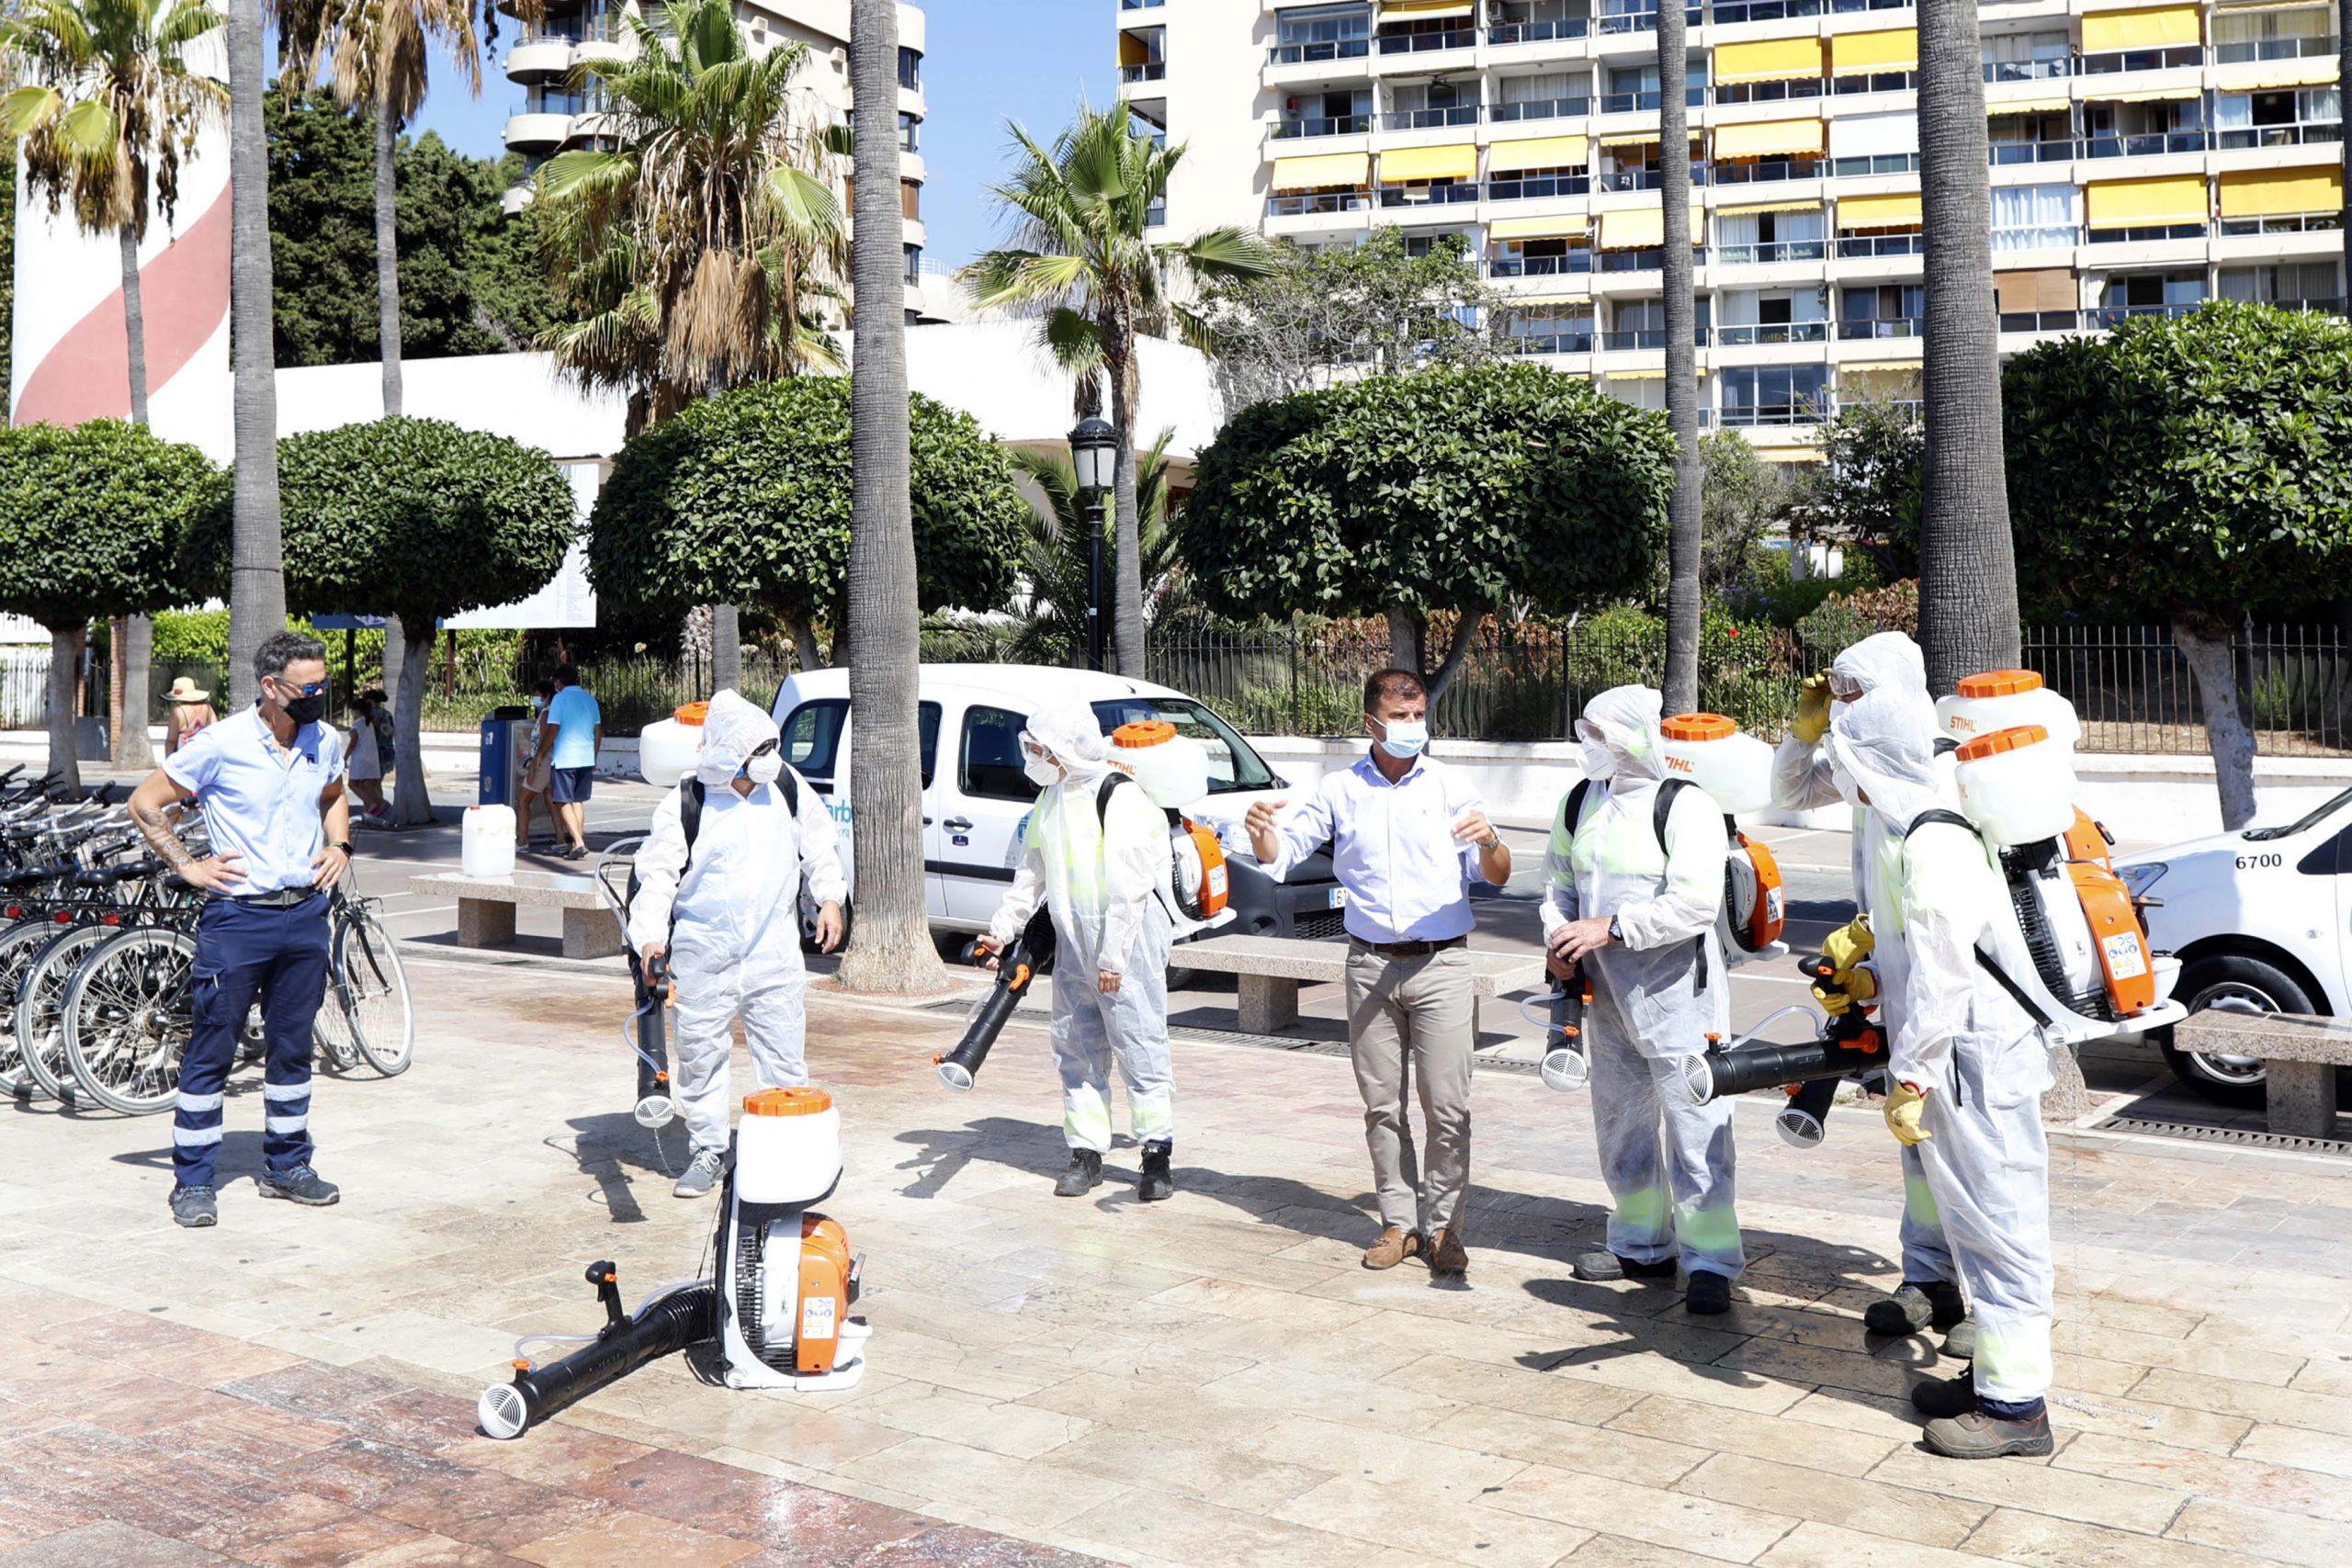 Mejoran la limpieza del municipio con la adquisición de nuevos atomizadores